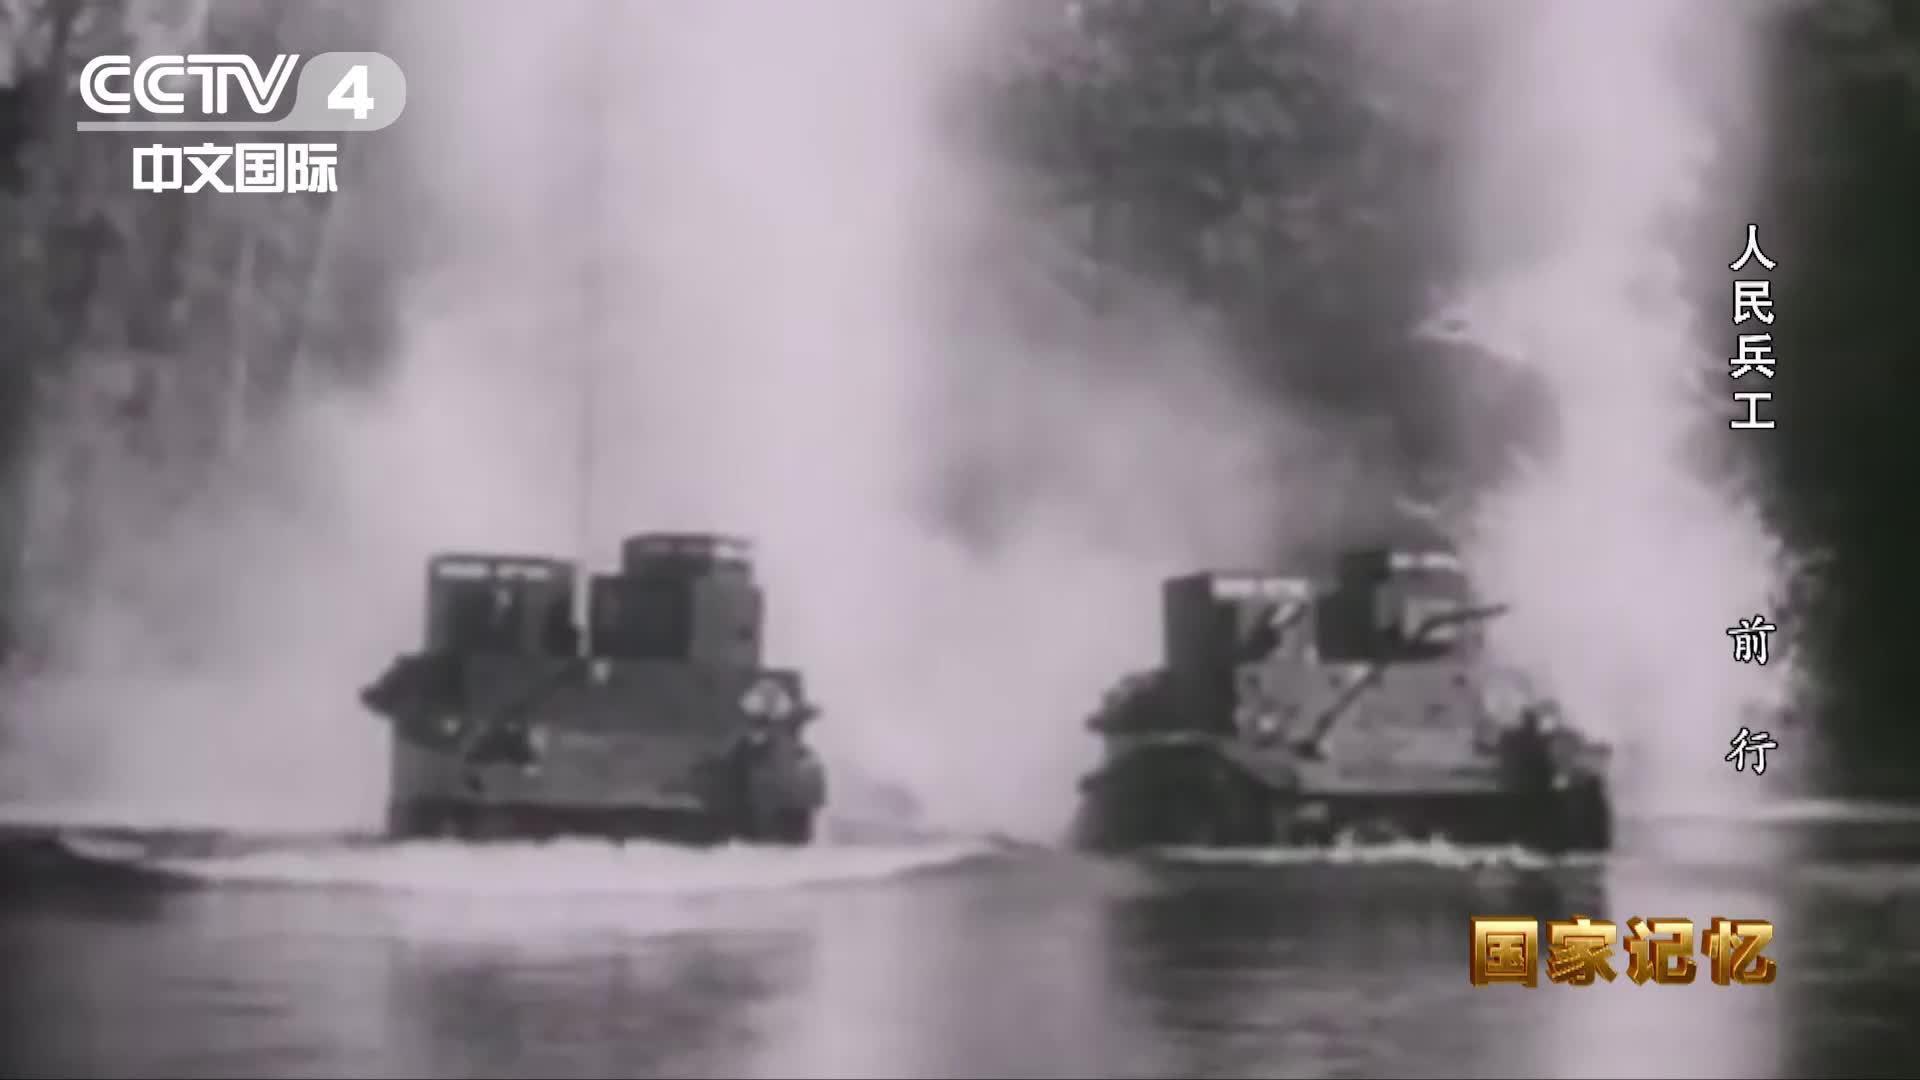 如同开自动挡轿车一样的99A坦克,能实施精准打击的红箭-10导弹……